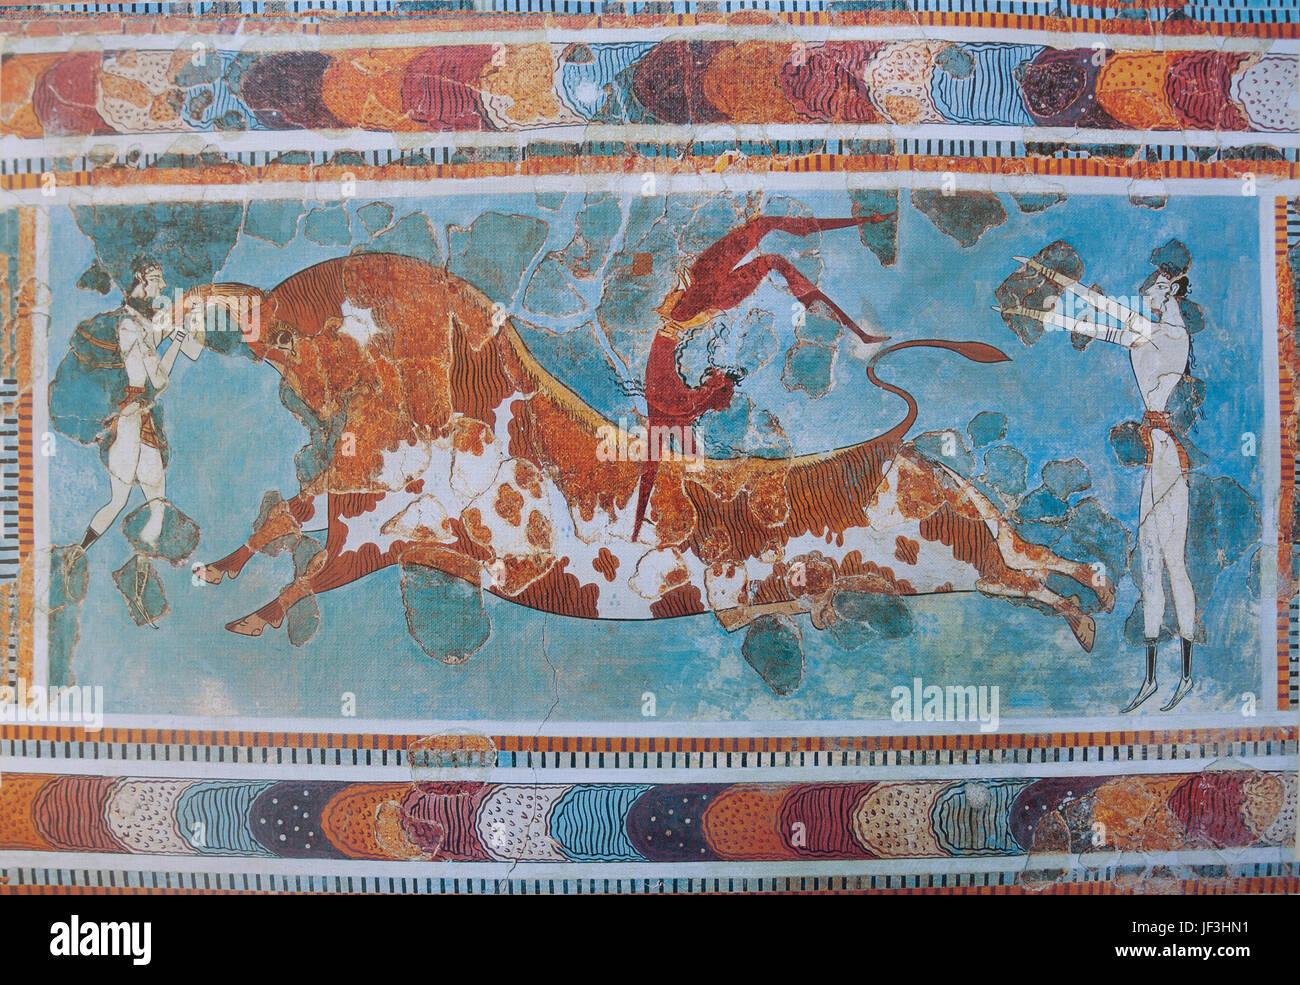 Bull-leaping fresco from Palace of Knossos (Knosos), Heraklion (Irakleio), Irakleio Region, Crete (Kriti), Greece - Stock Image